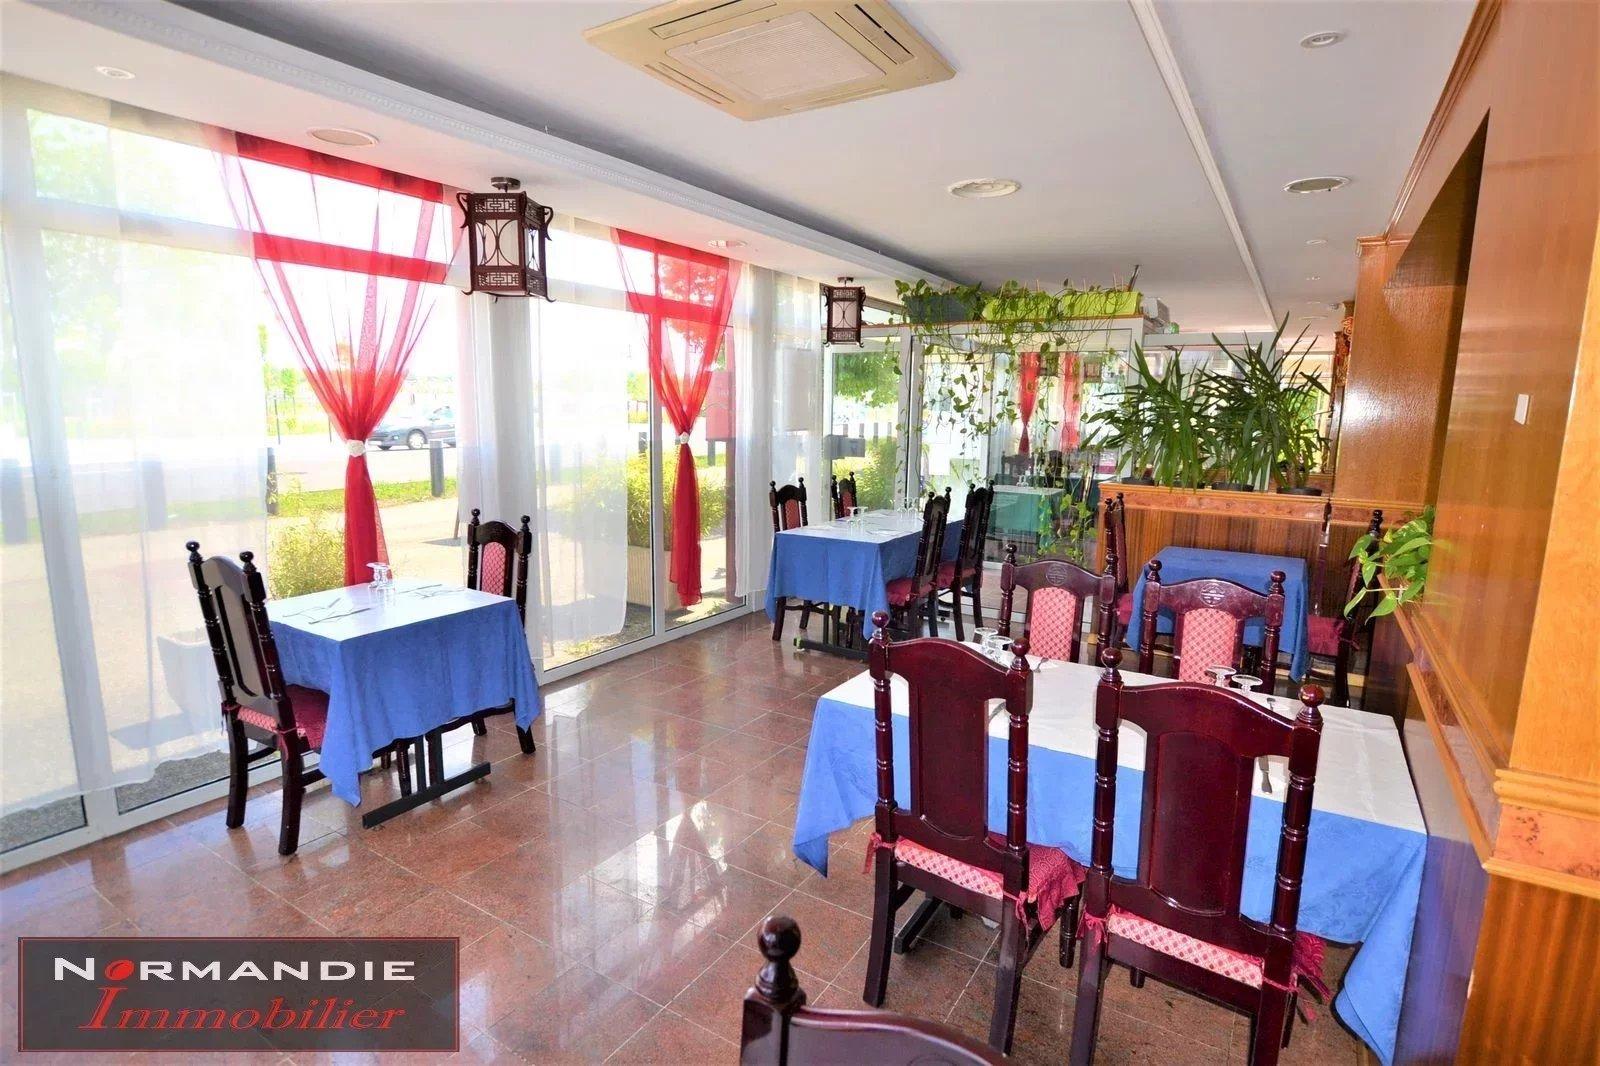 A vendre FOND de Commerce restaurant Asiatique